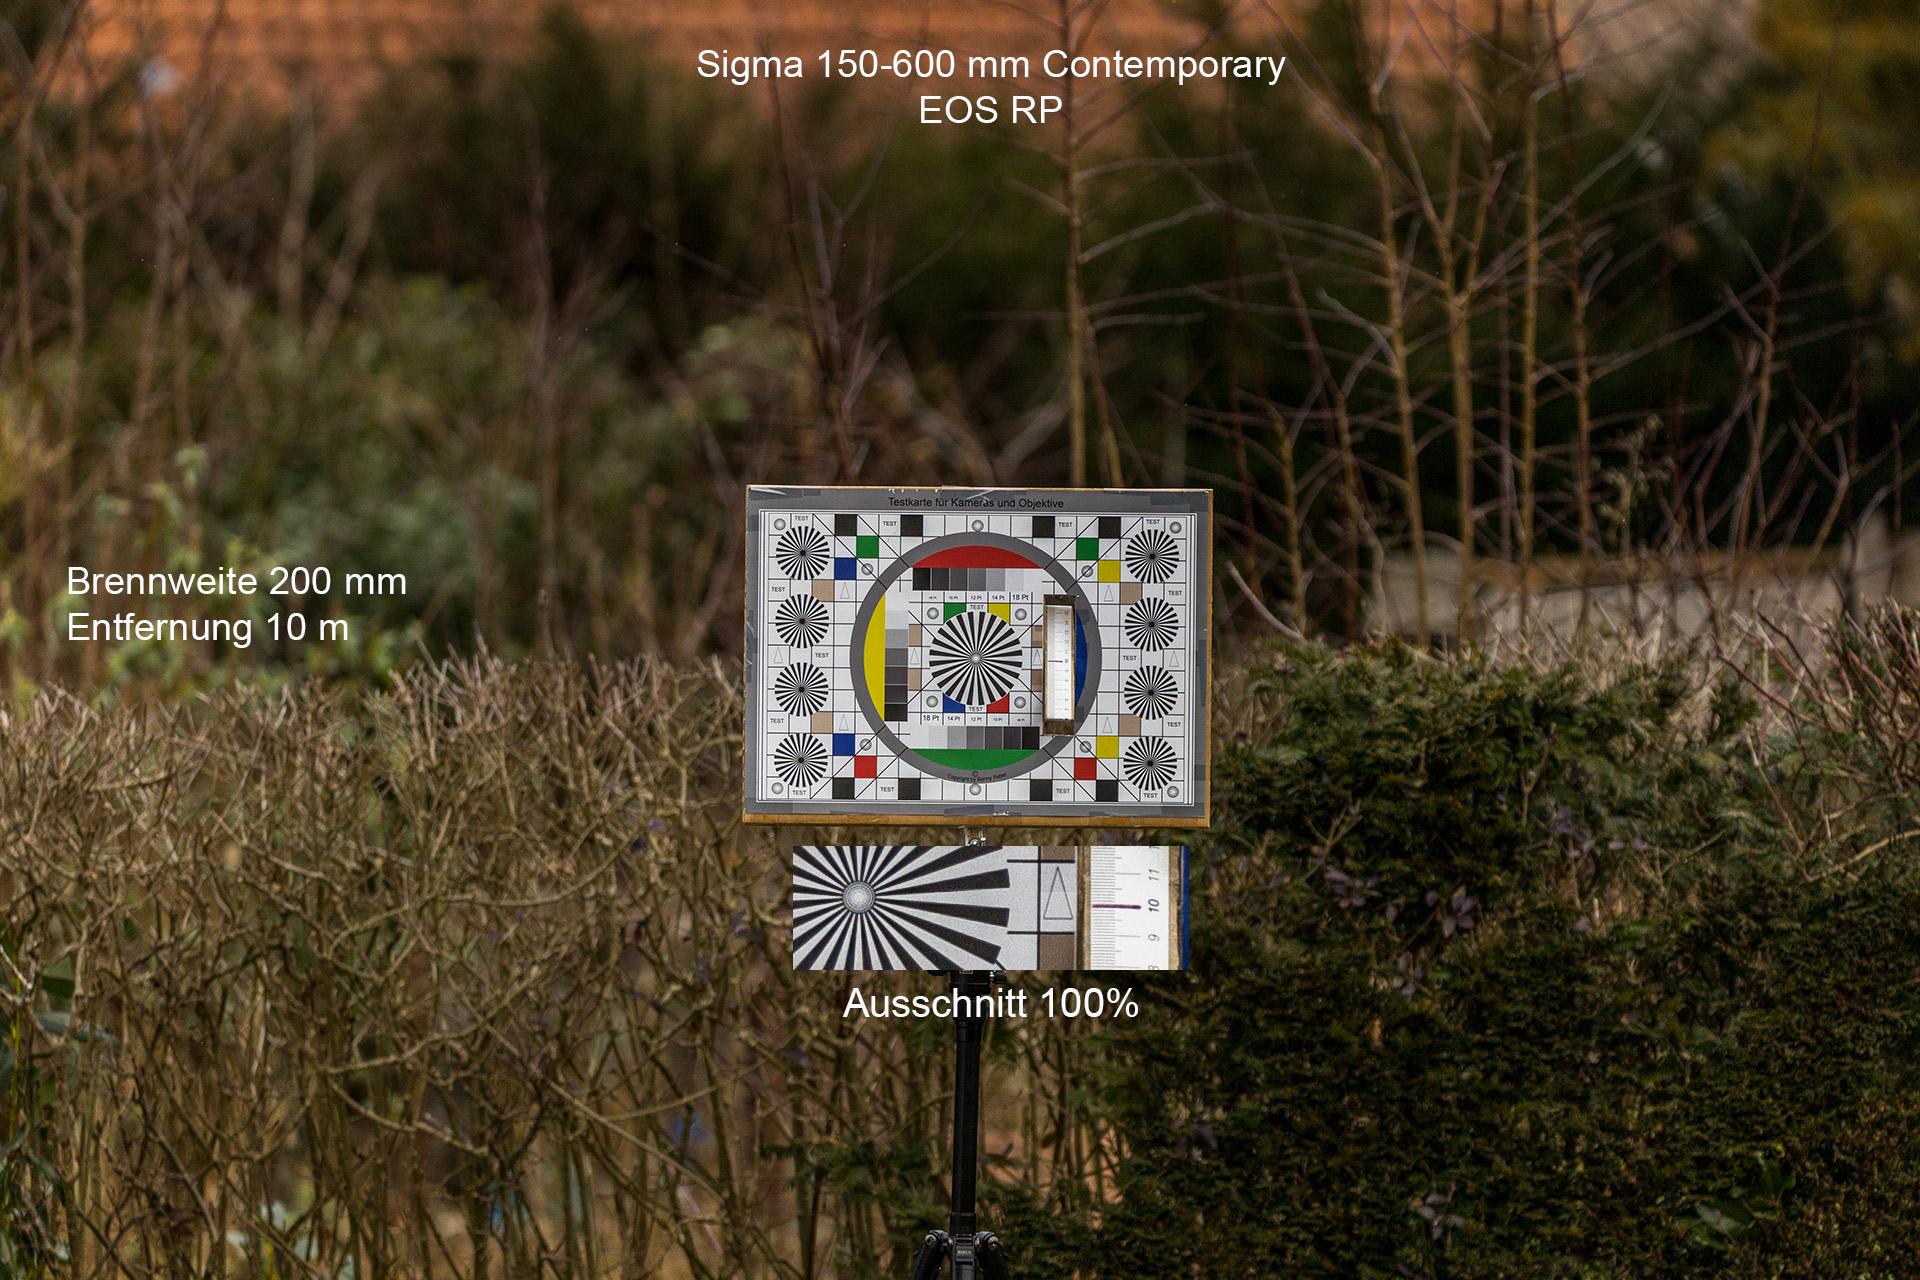 Testaufnahmen mit Sigma 150-600 mm, Canon EOS RP, 200 mm, 10 Meter